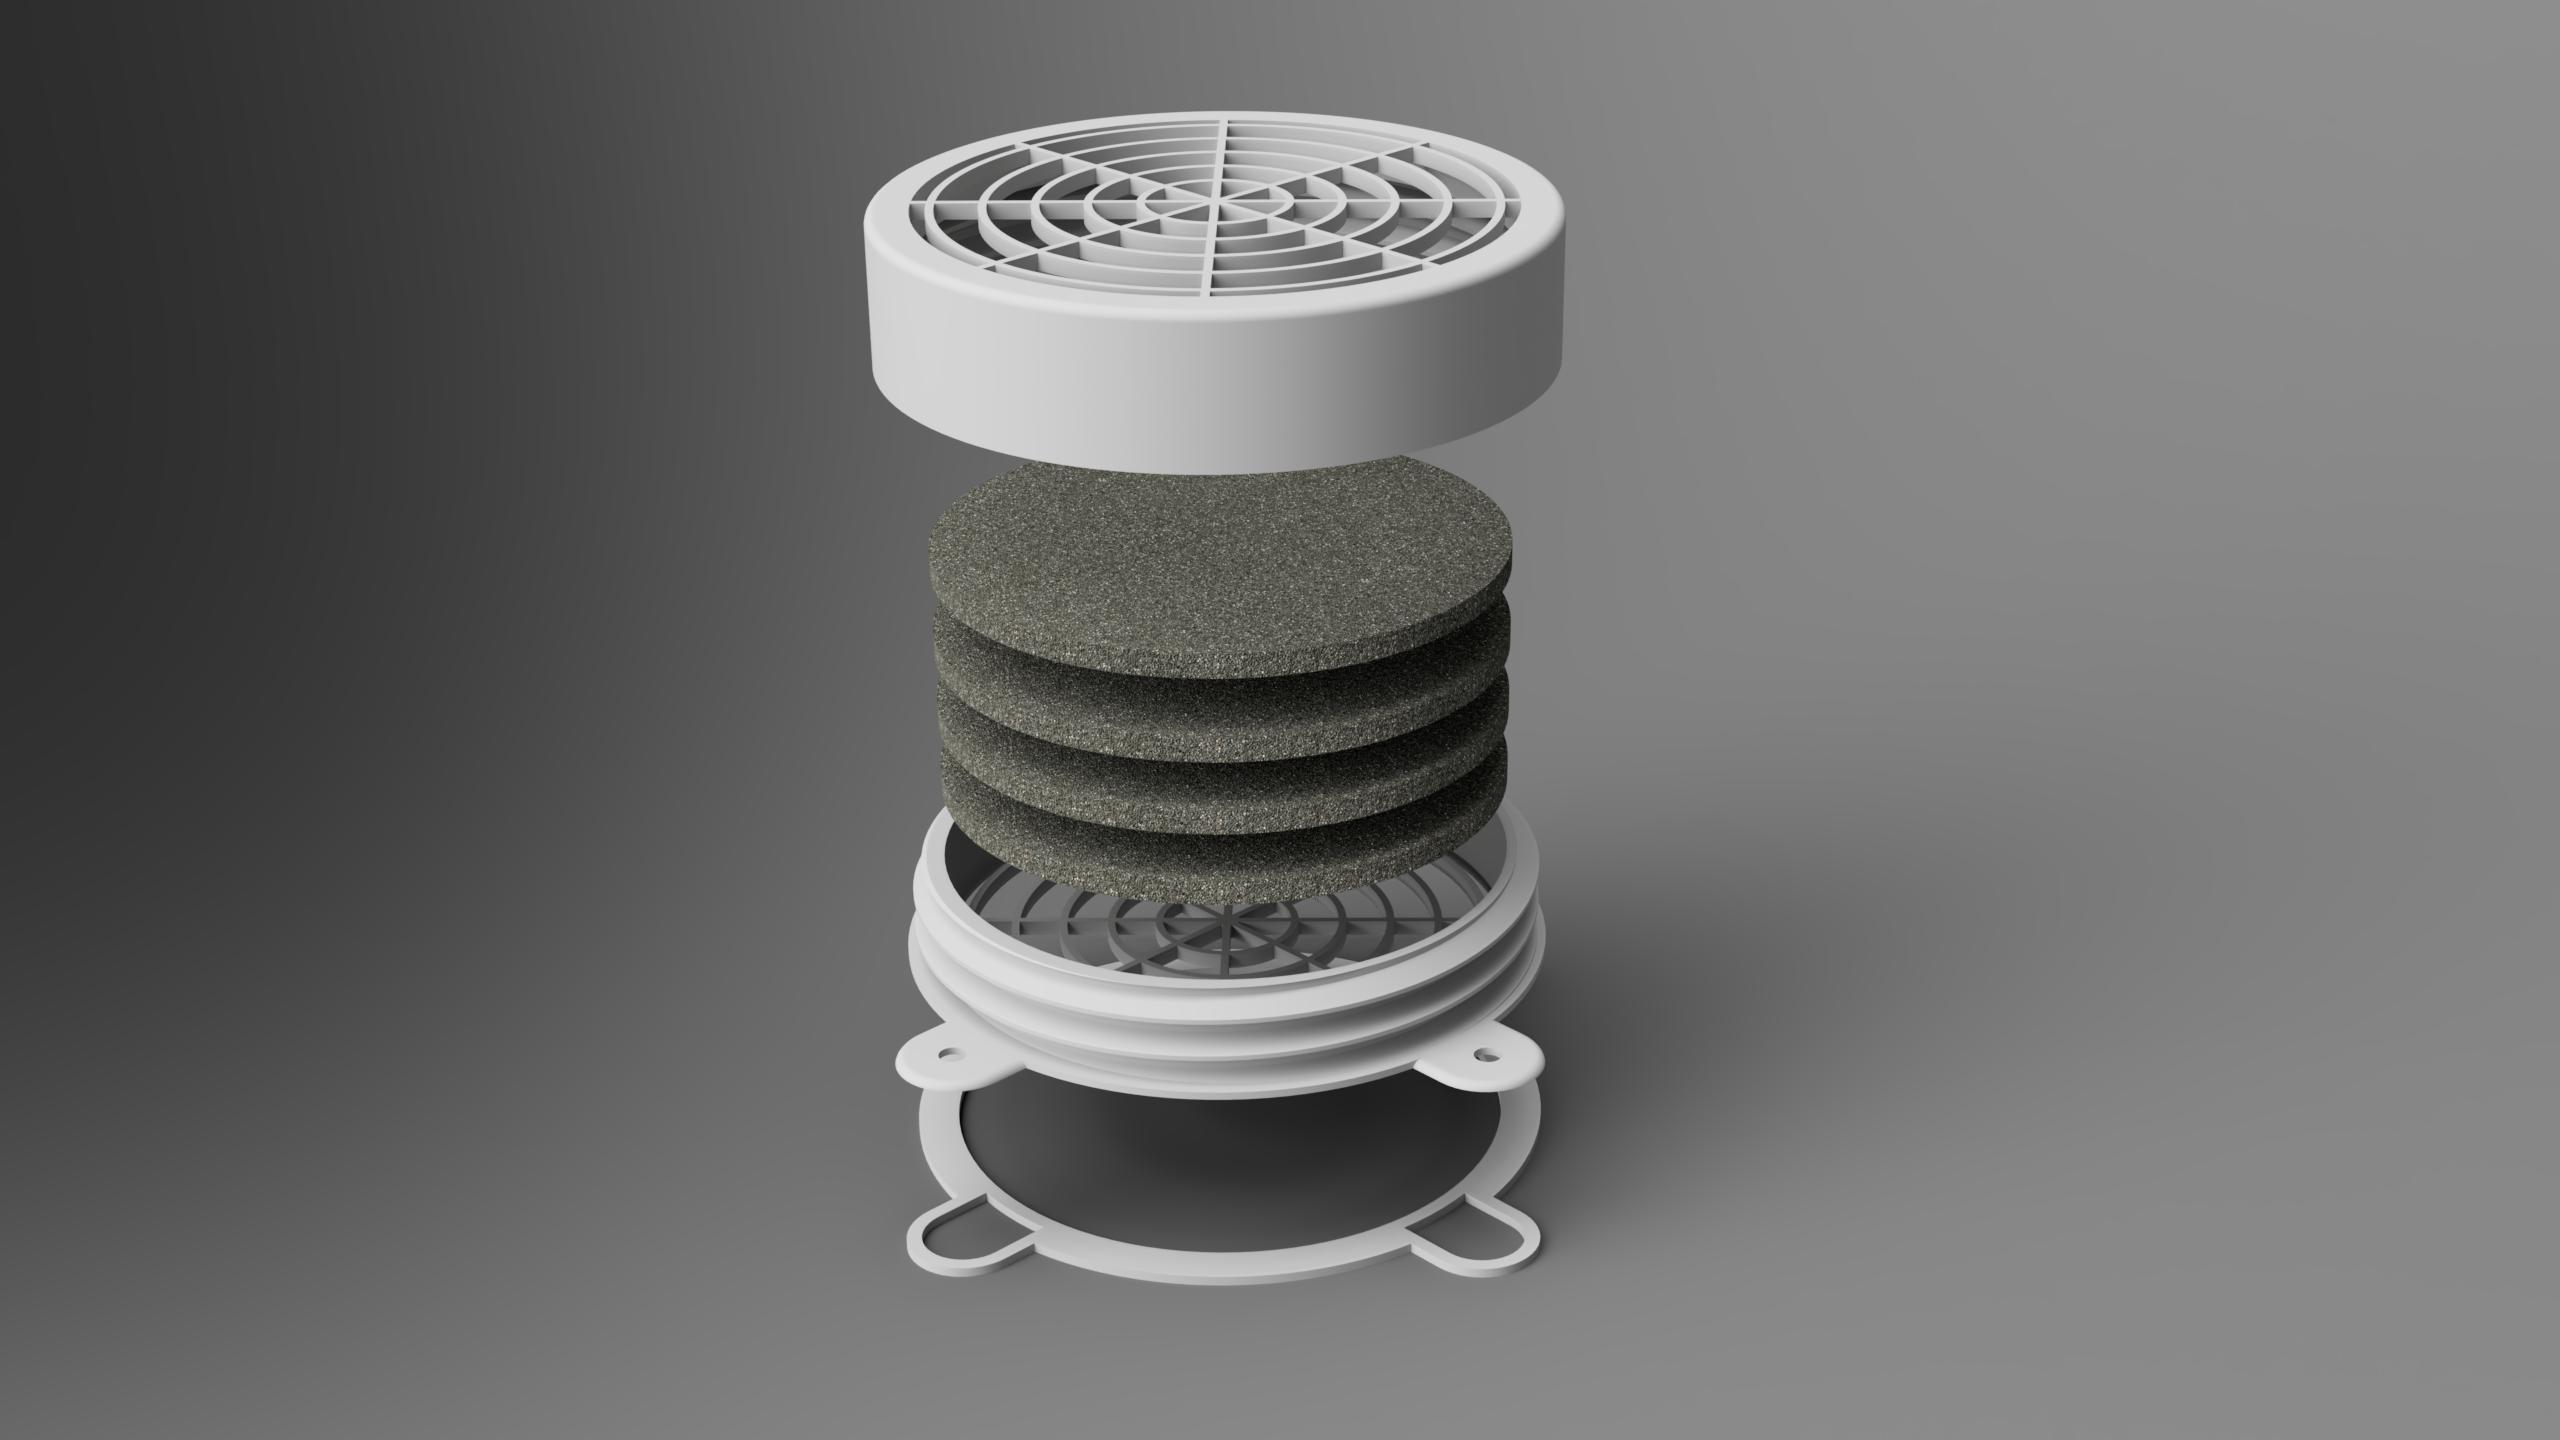 topRightExplode_low.png Télécharger fichier STL gratuit Filtre de cabine de pulvérisation Wiltec • Objet imprimable en 3D, Wilko